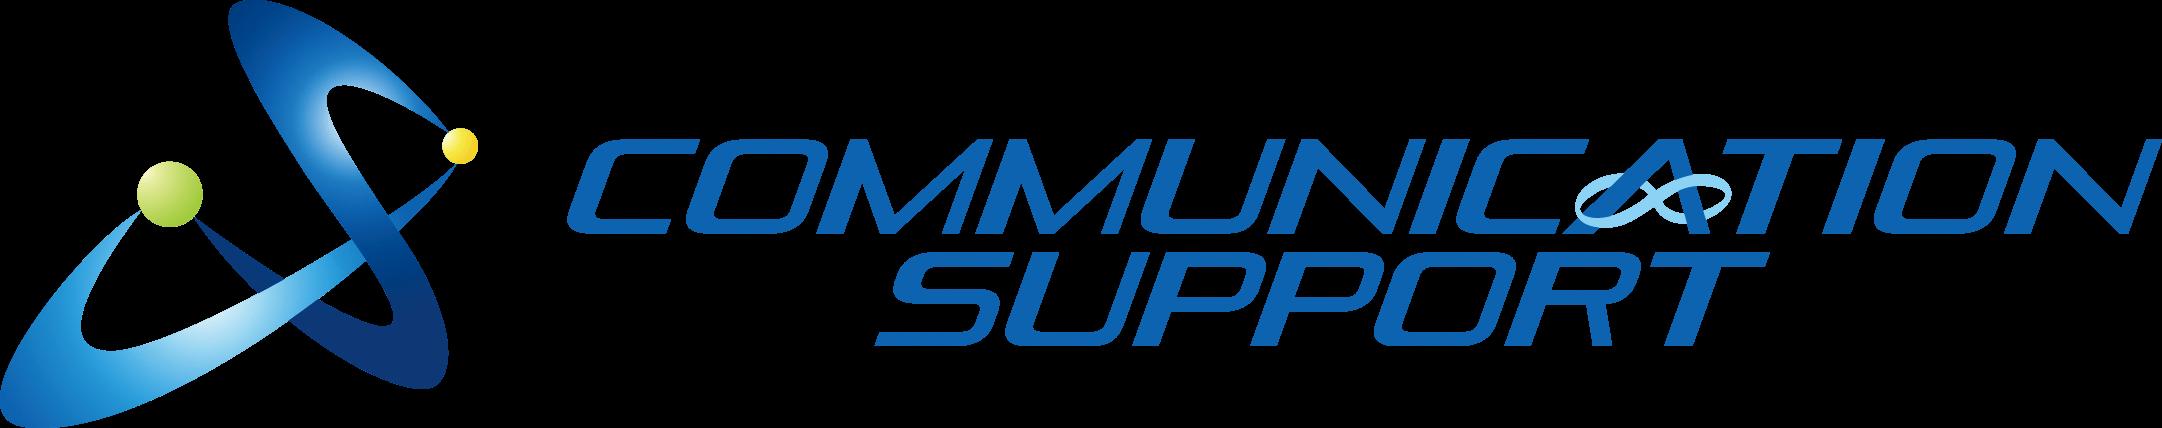 株式会社コミュニケーションサポート